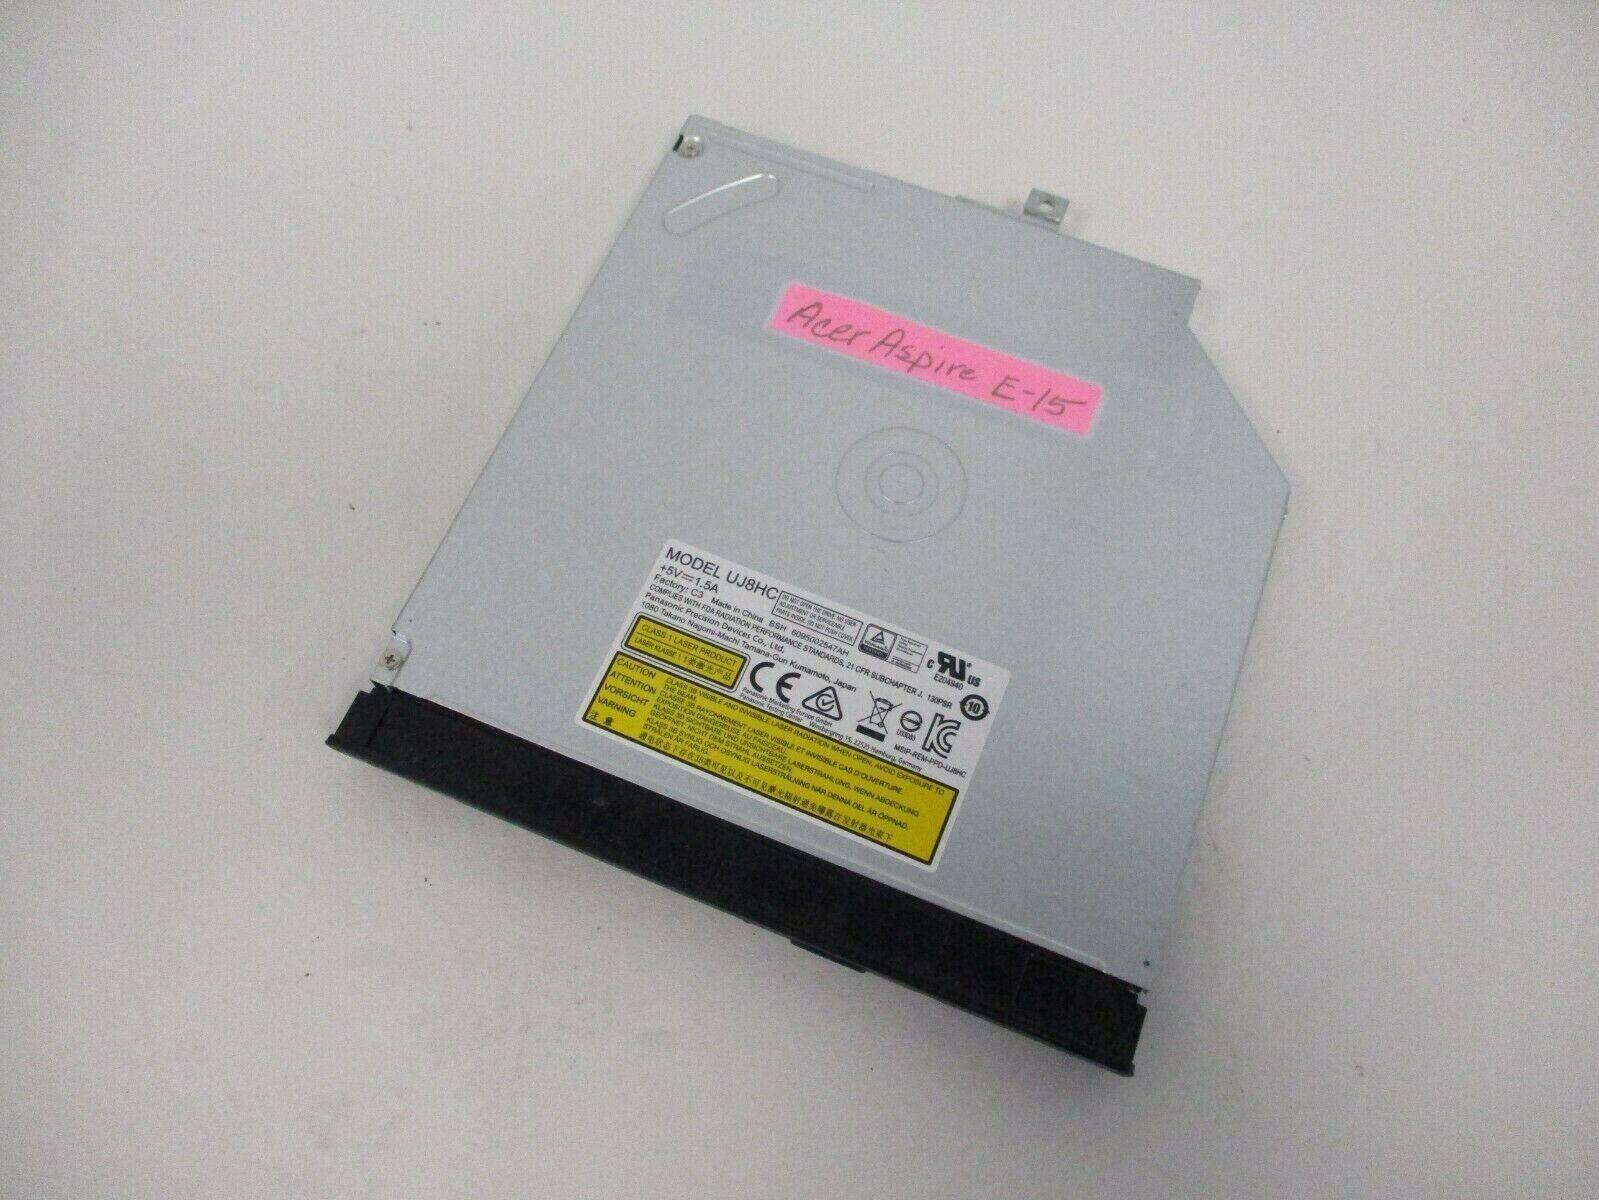 USB 2.0 External CD//DVD Drive for Acer Aspire E5-571g-38vf